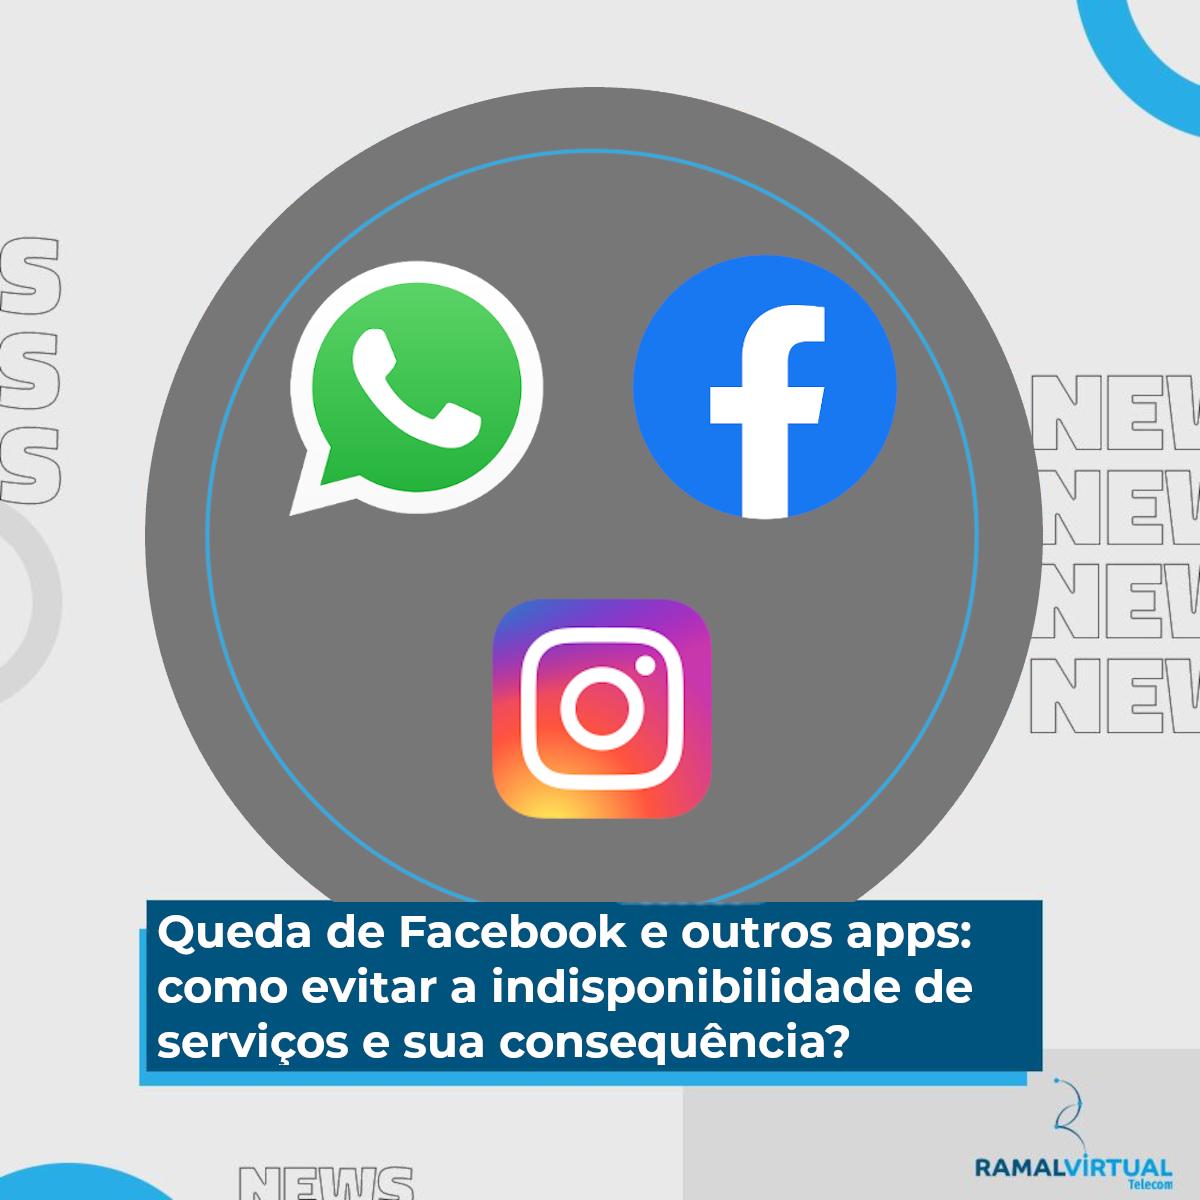 [Queda de Facebook e outros apps: como evitar a indisponibilidade de serviços e sua consequência?]